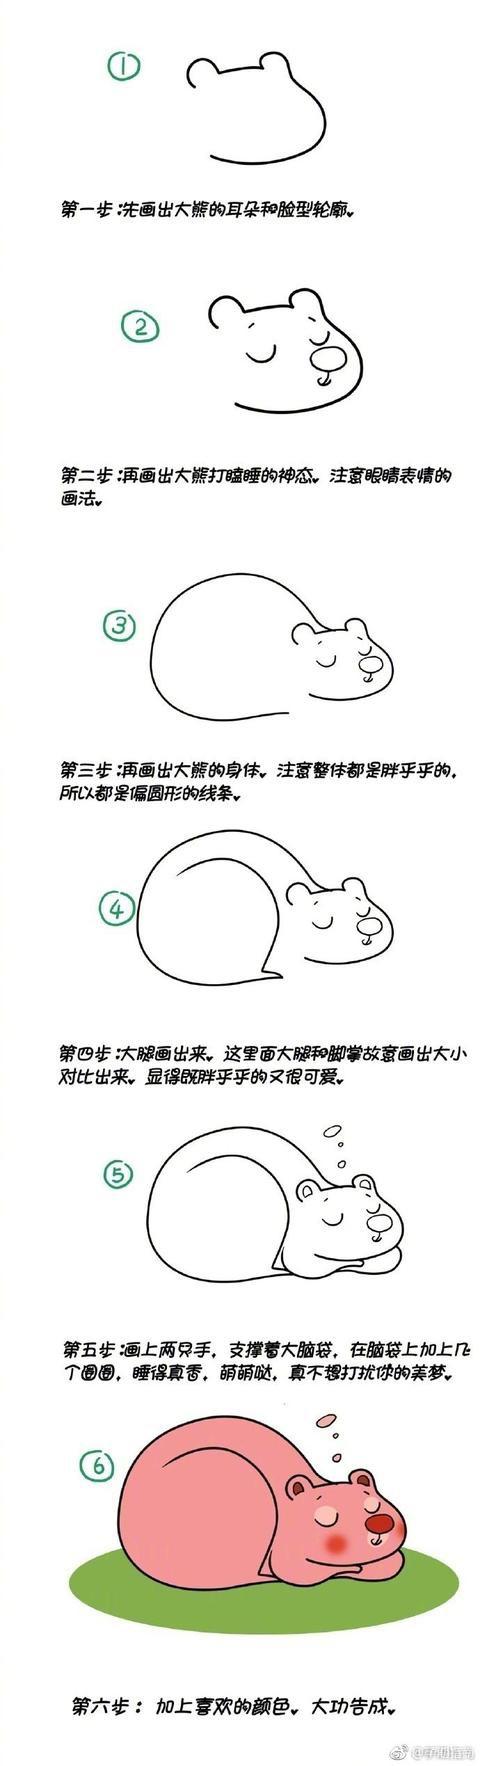 熟睡的卡通熊简笔画画法步骤图解